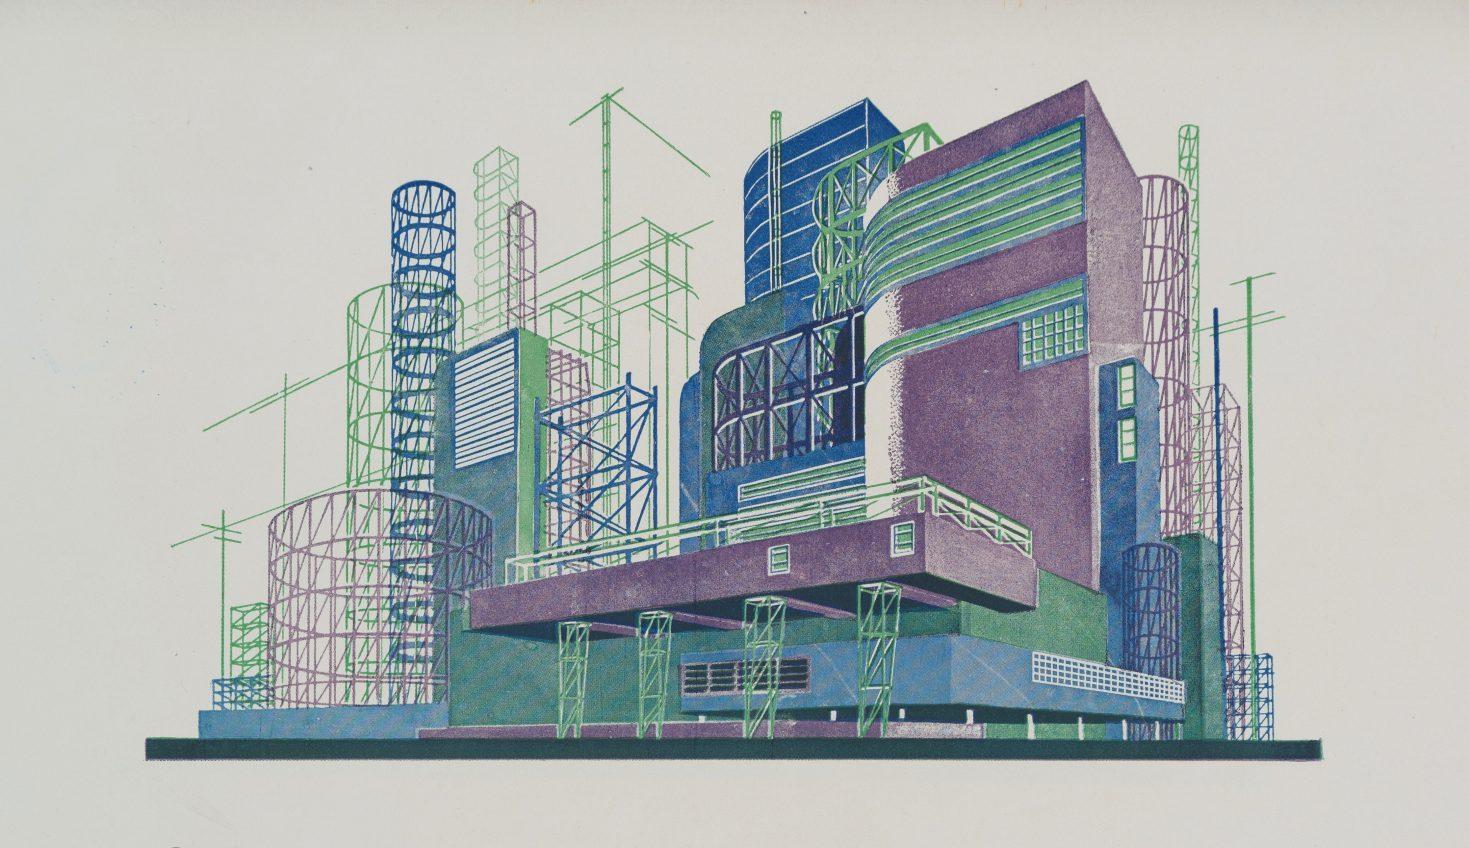 """Результат пошуку зображень за запитом """"Відкриття проекту-виставки «Metropolis. Минулі утопії майбутнього»"""""""